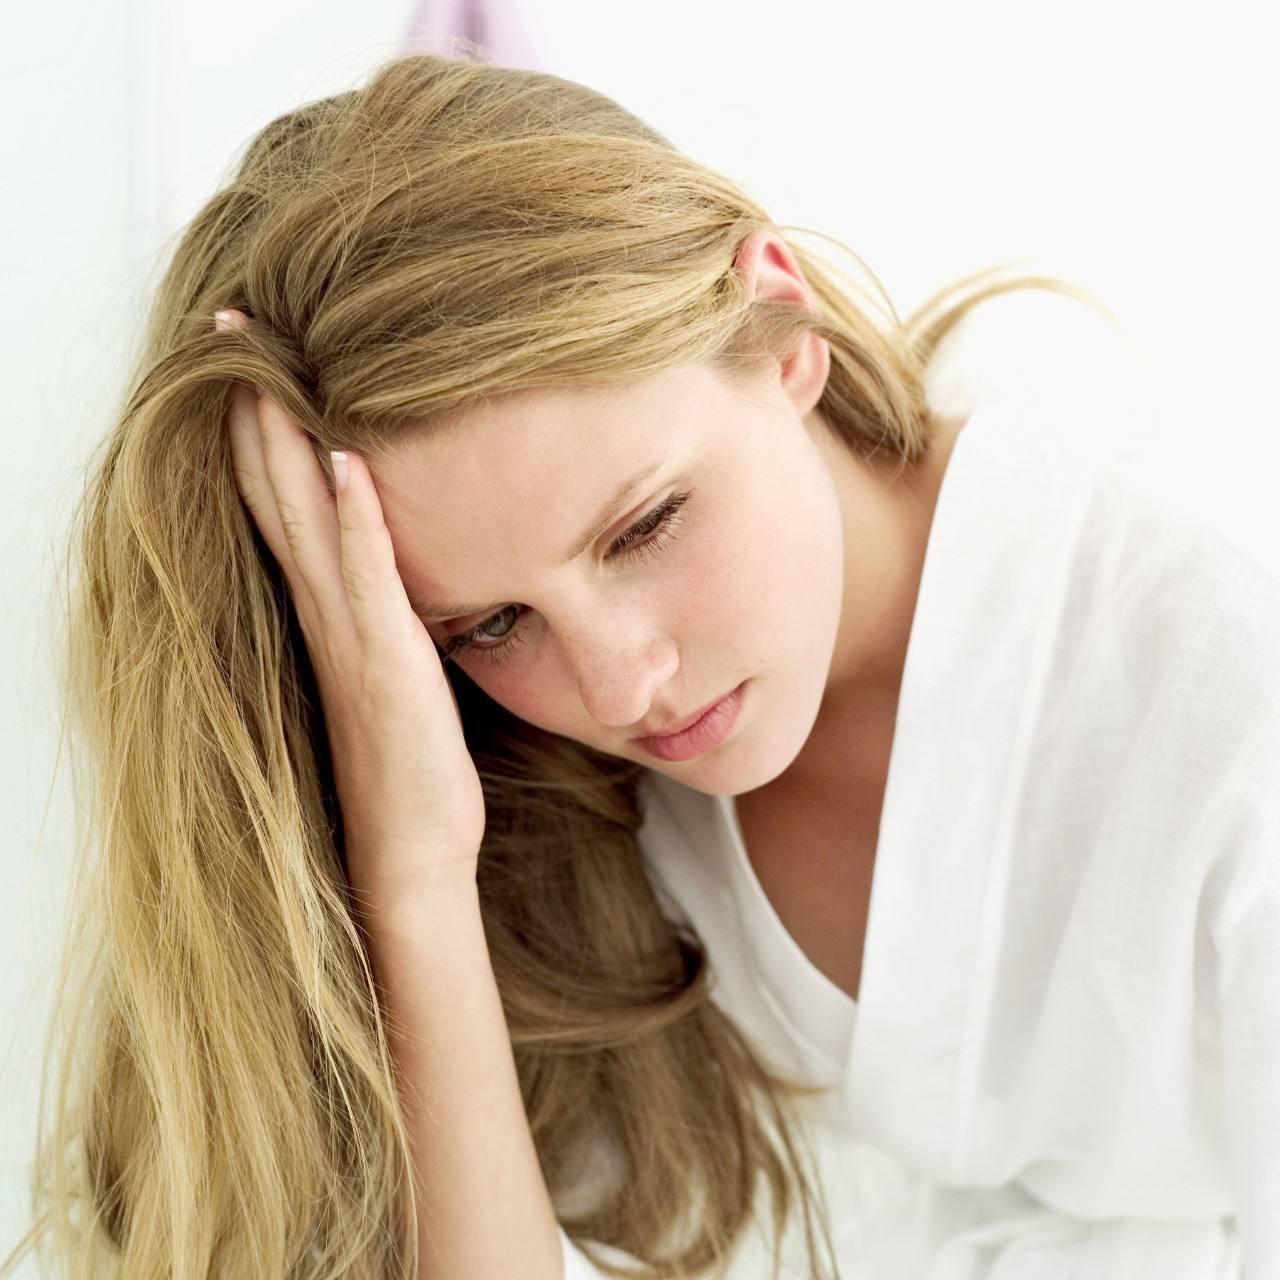 早晨吃鸡蛋多跑步 6个方法缓解焦虑症